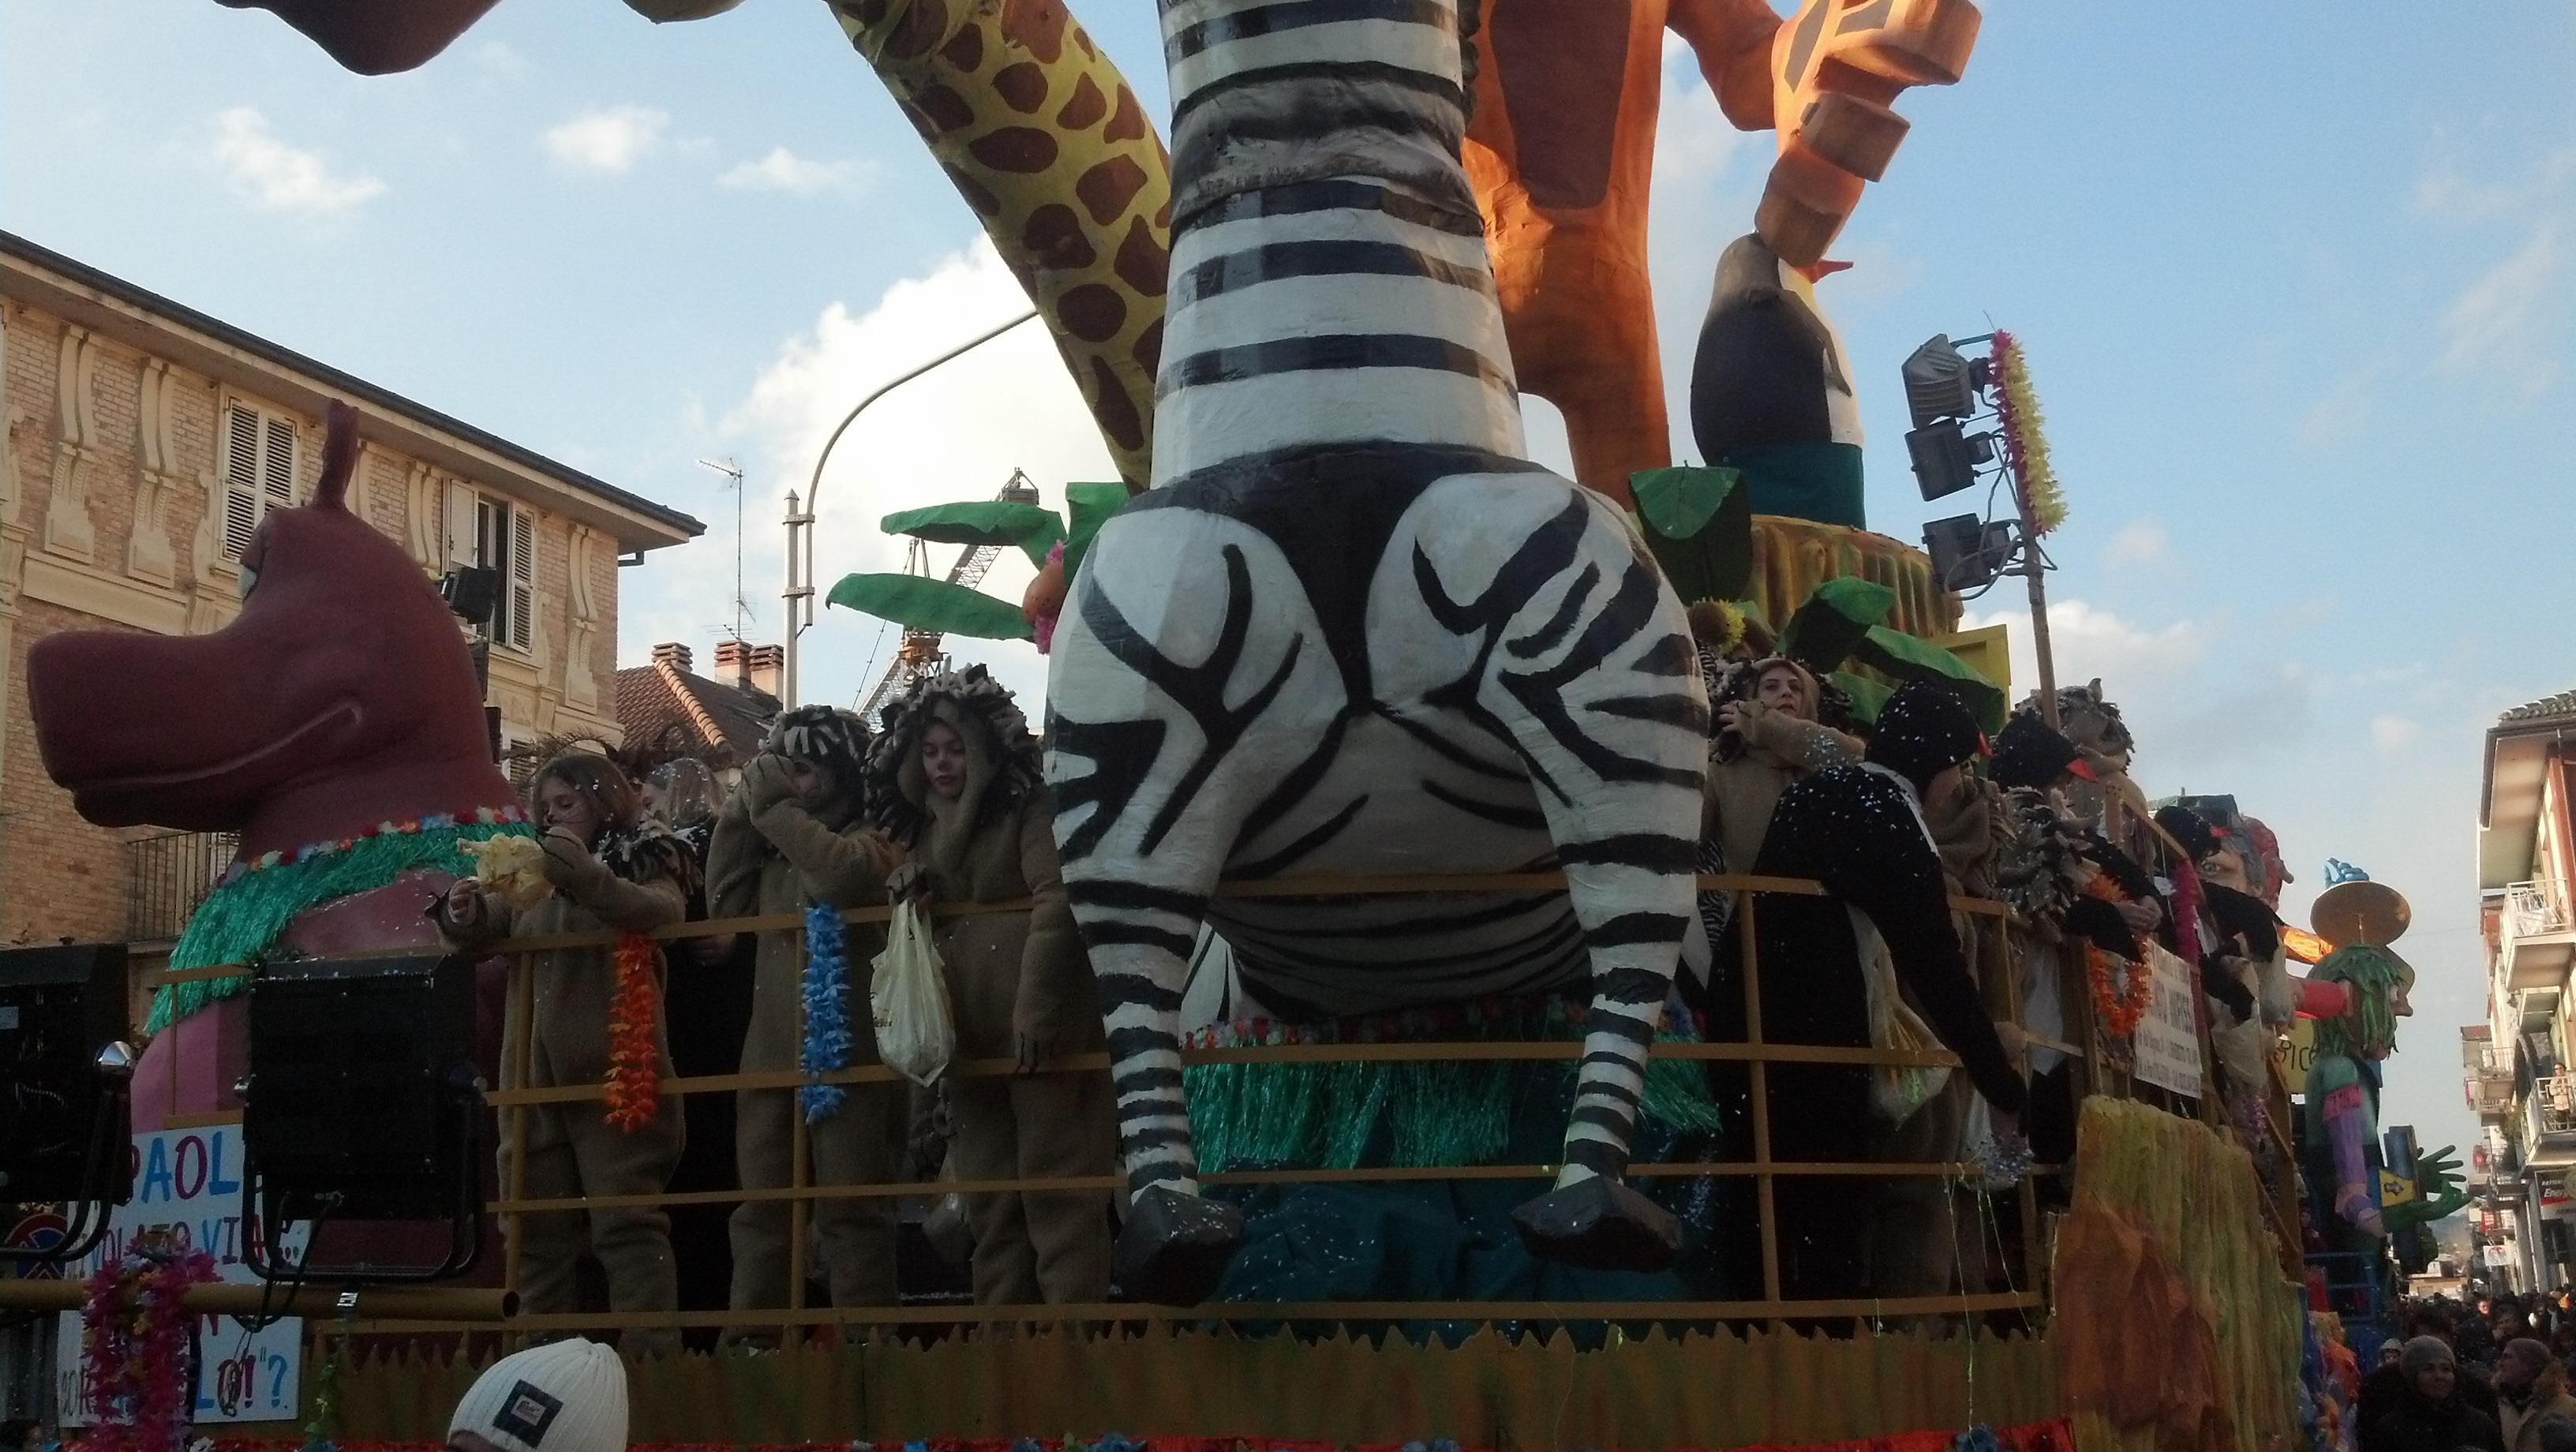 Carnevale San Benedetto 2013 16